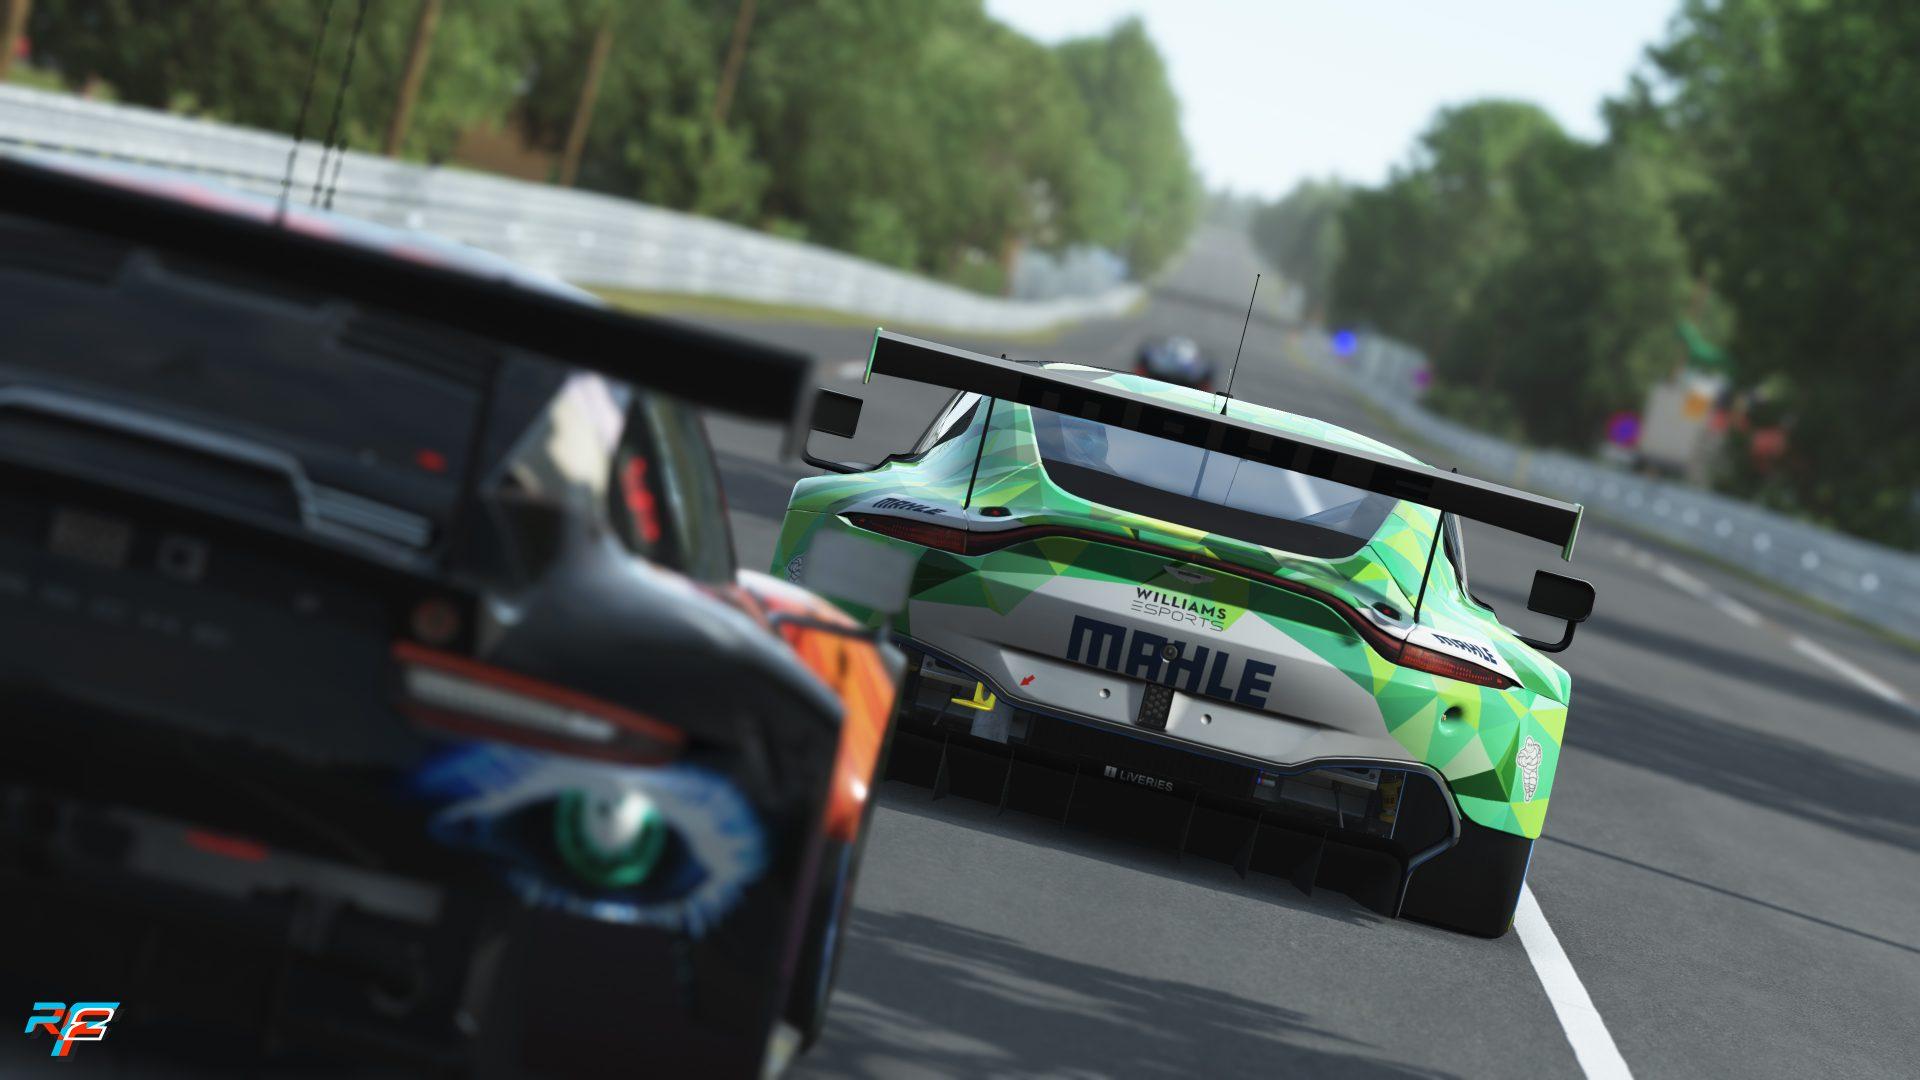 2020_Le_Mans_Virtual_10-1920x1080.jpg